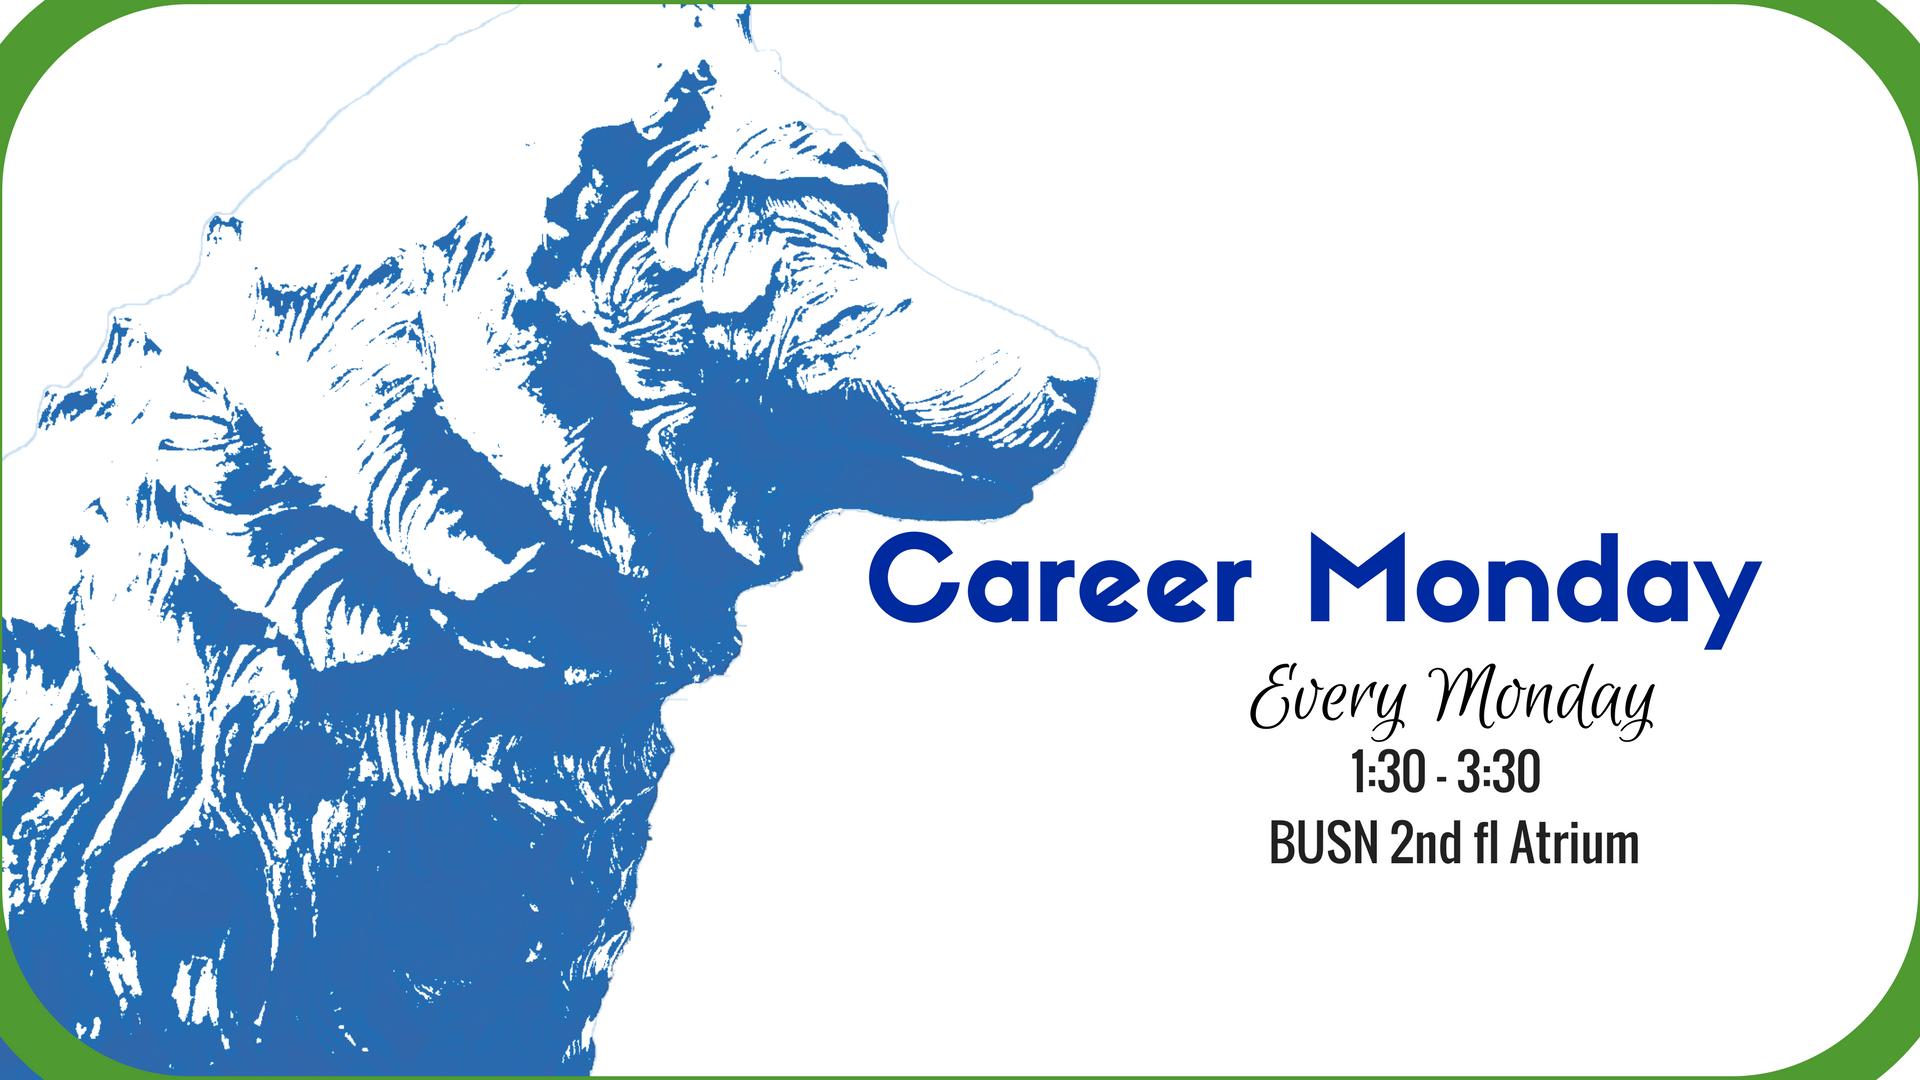 Career Mondays